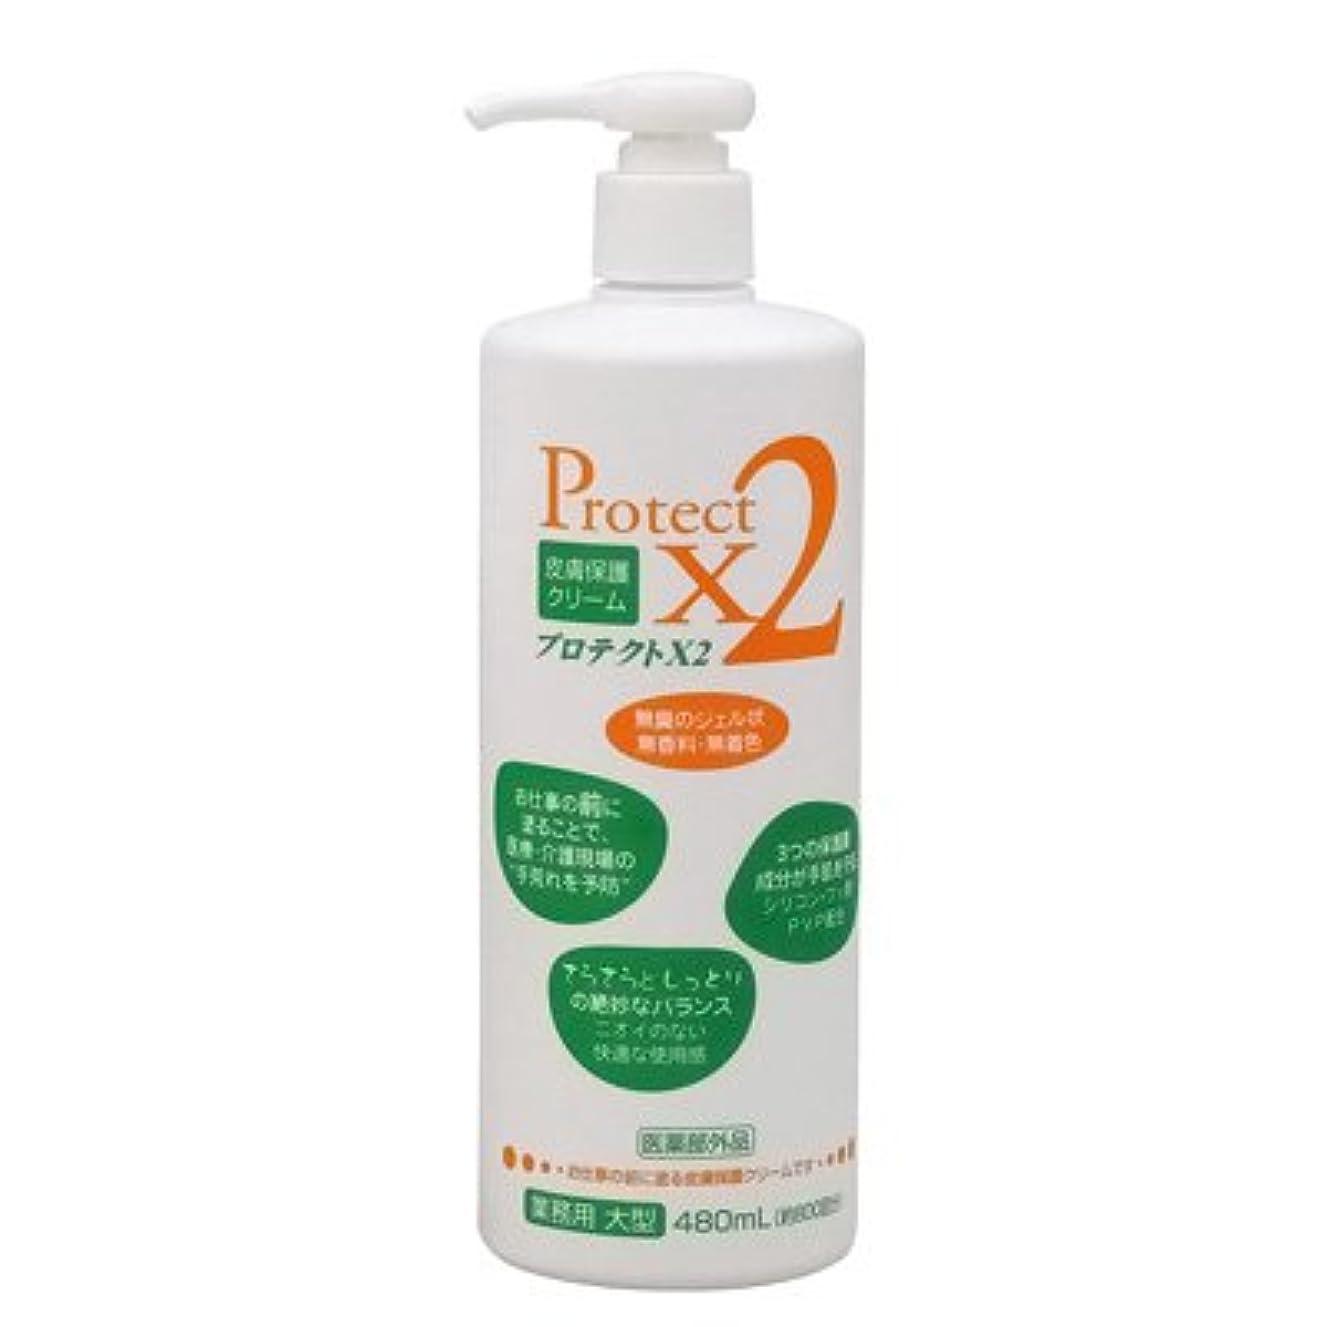 皮膚保護クリーム プロテクトX2 480ml(大型)